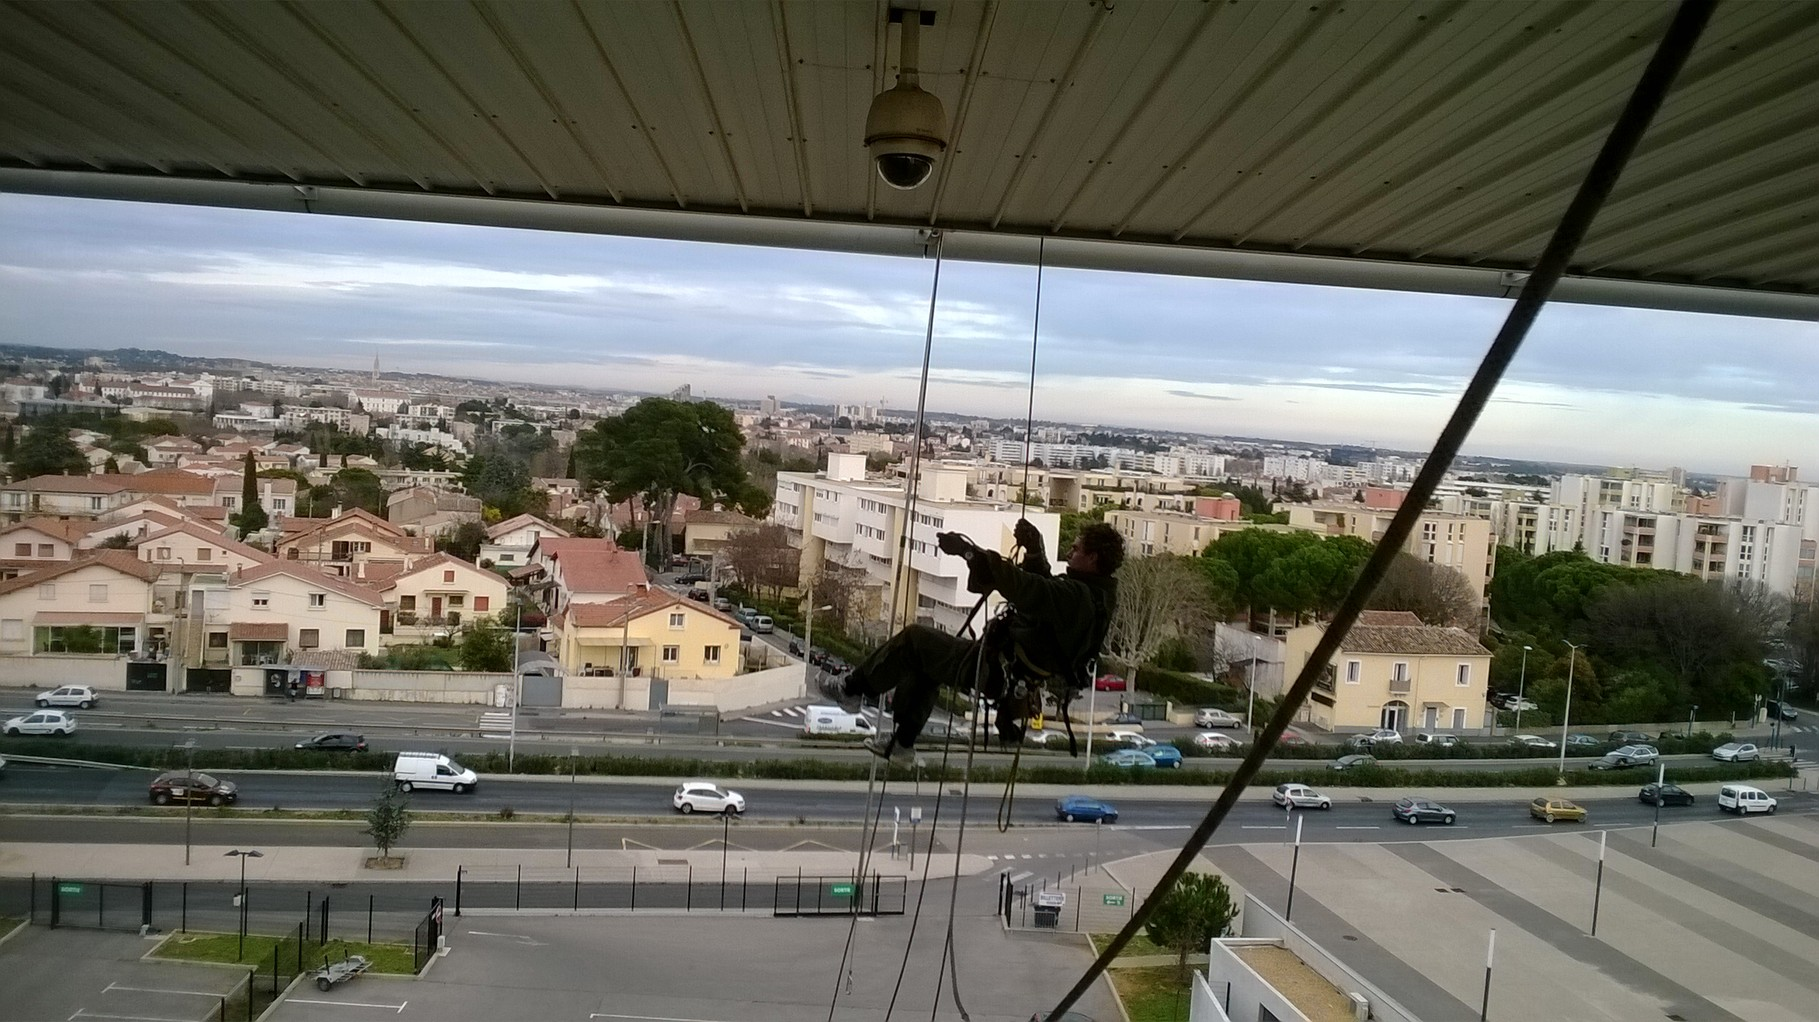 Accès Difficile Montpellier Nettoyage